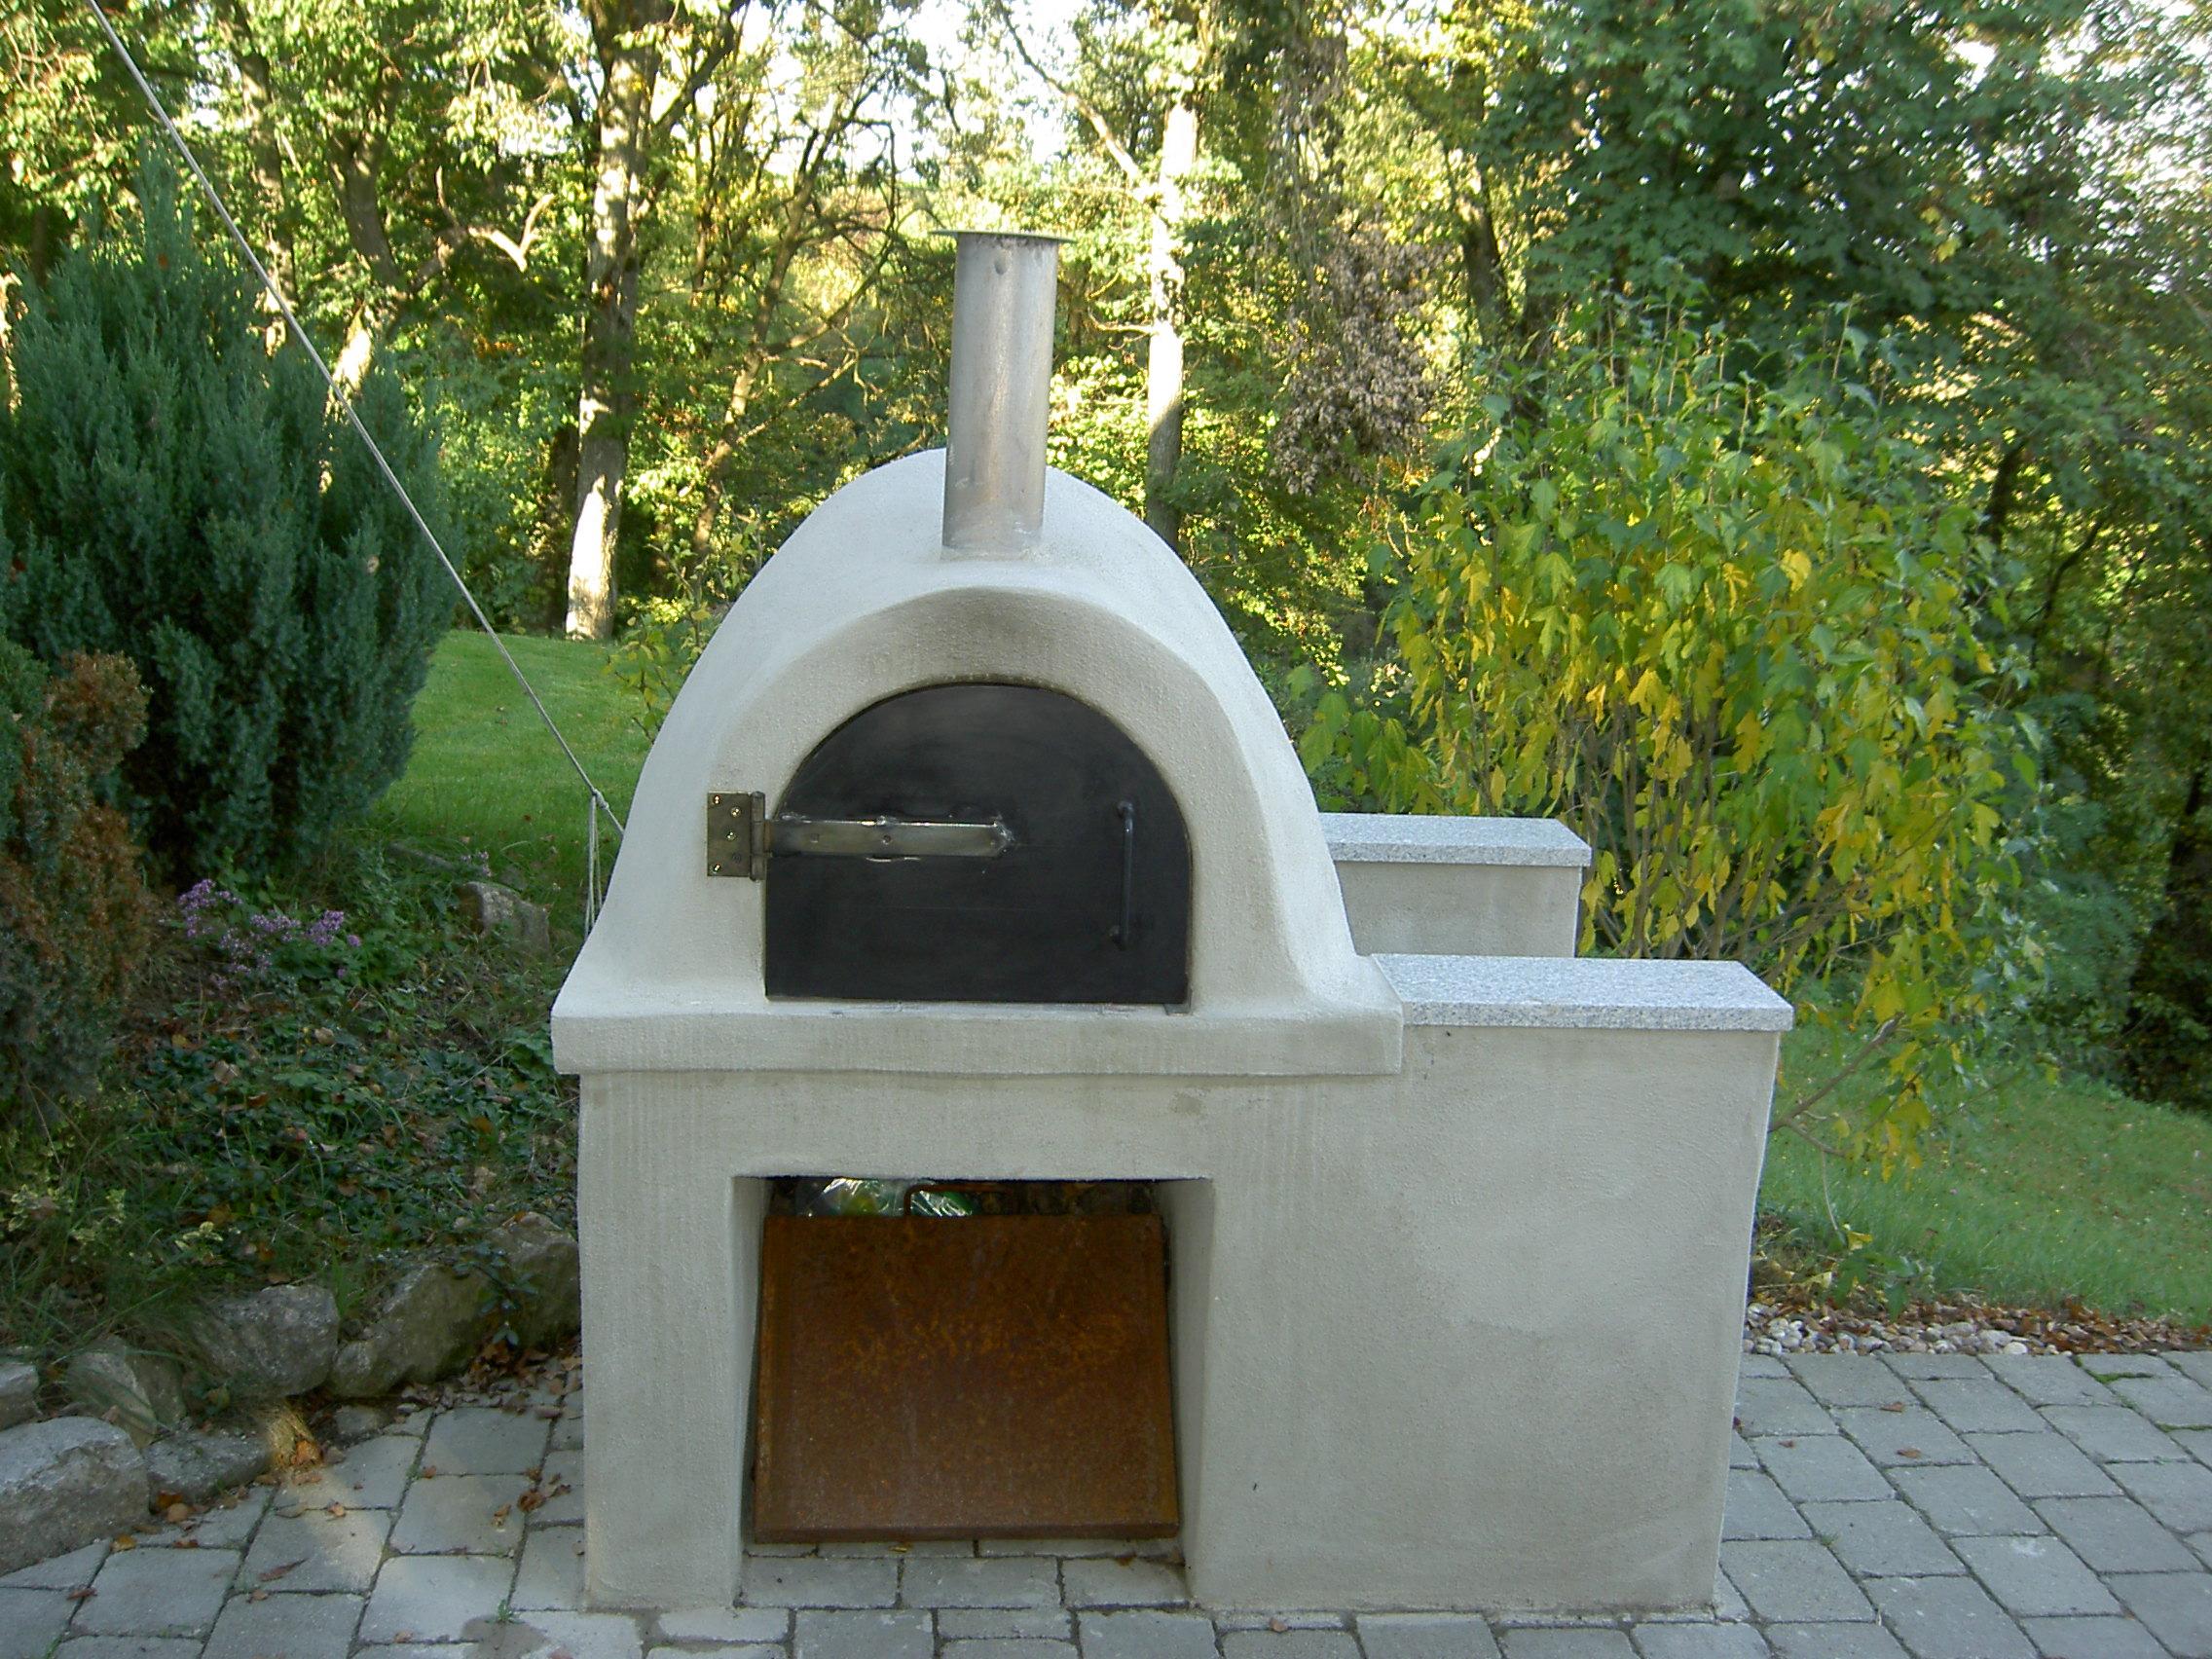 Pizzaofen Garten ~ Beste Bildideen zu Hause Design